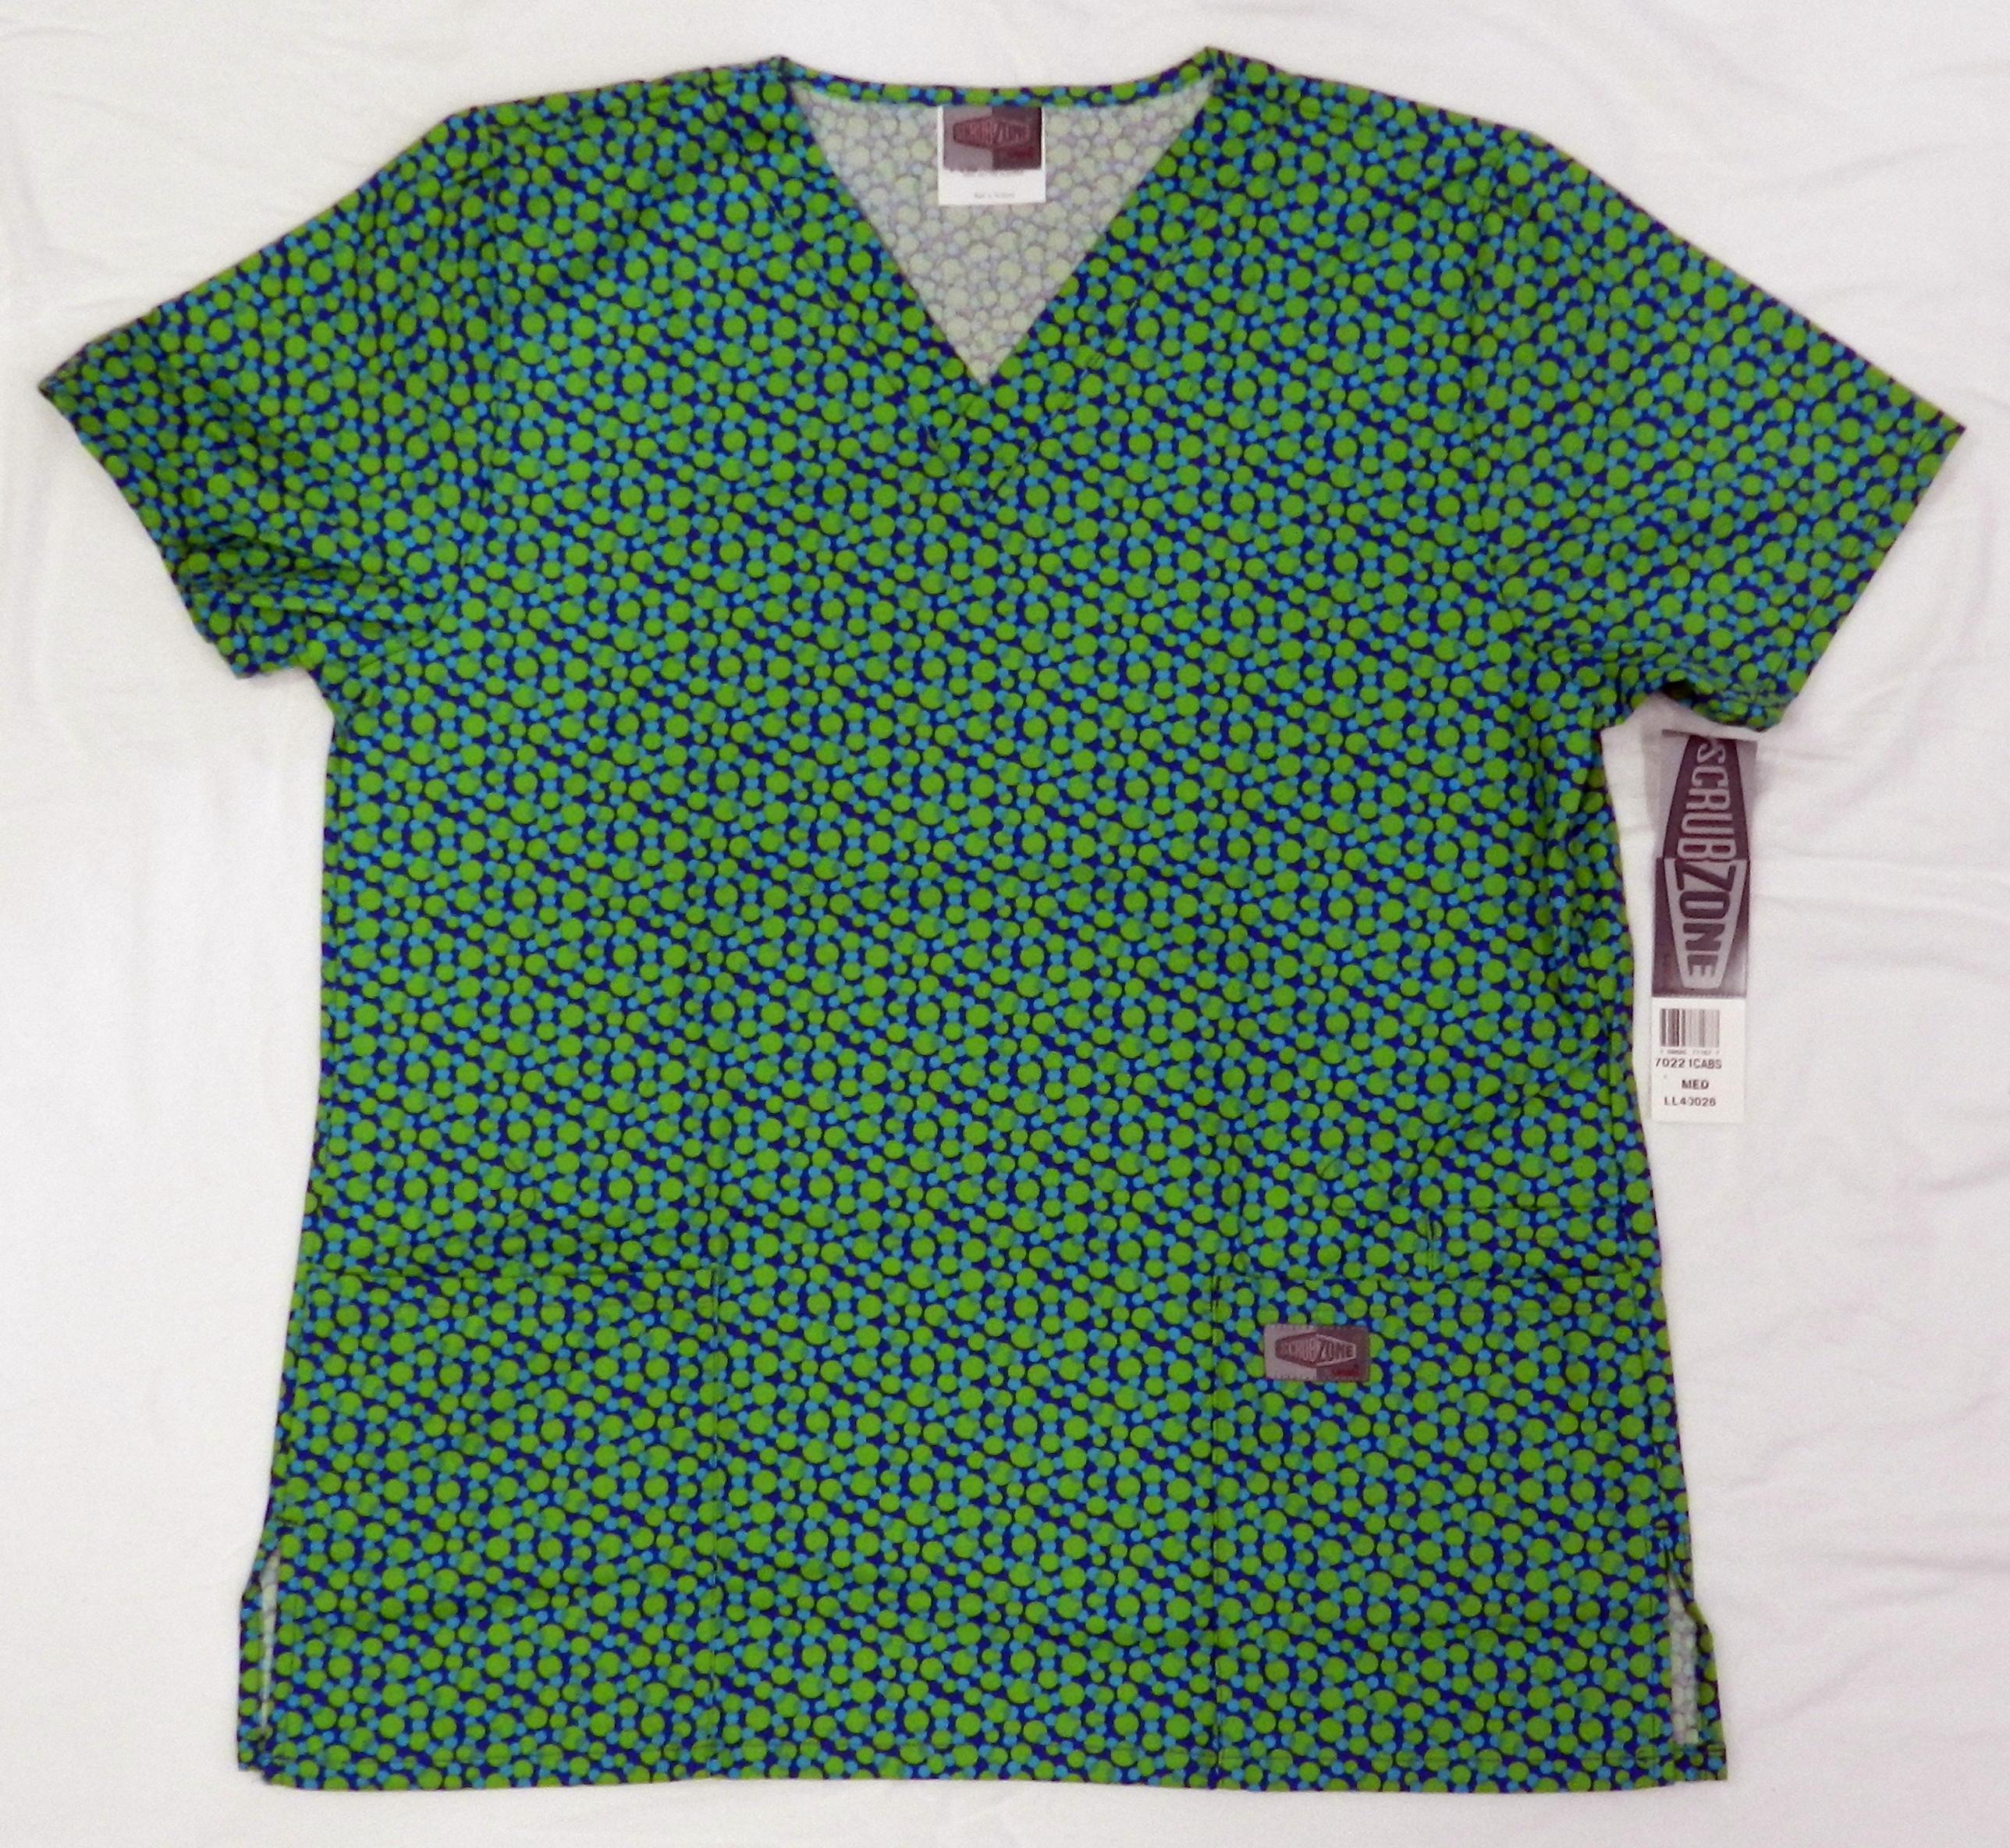 70221 green aqua blue polka dot v neck medical uniform scrub top